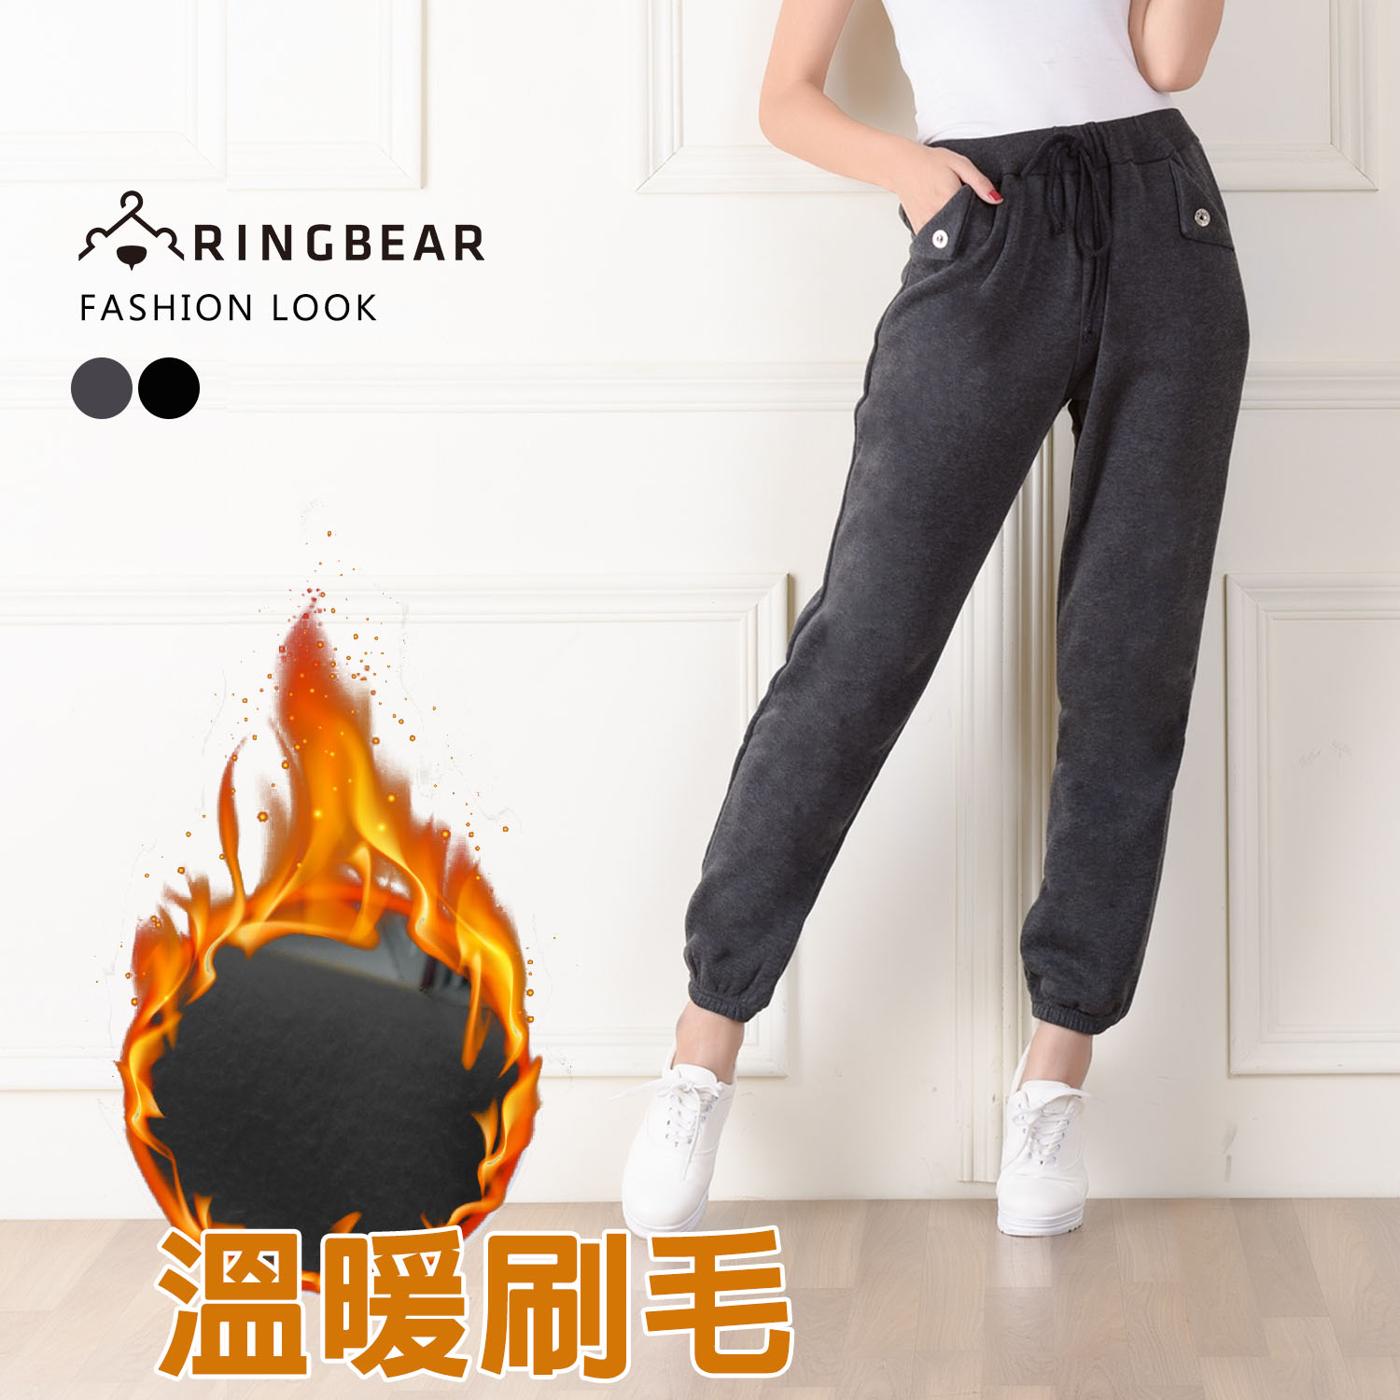 棉褲-保暖休閒款羅紋抽繩縮口反褶口袋造型休閒棉褲黑.灰M-XL-P77眼圈熊中大尺碼